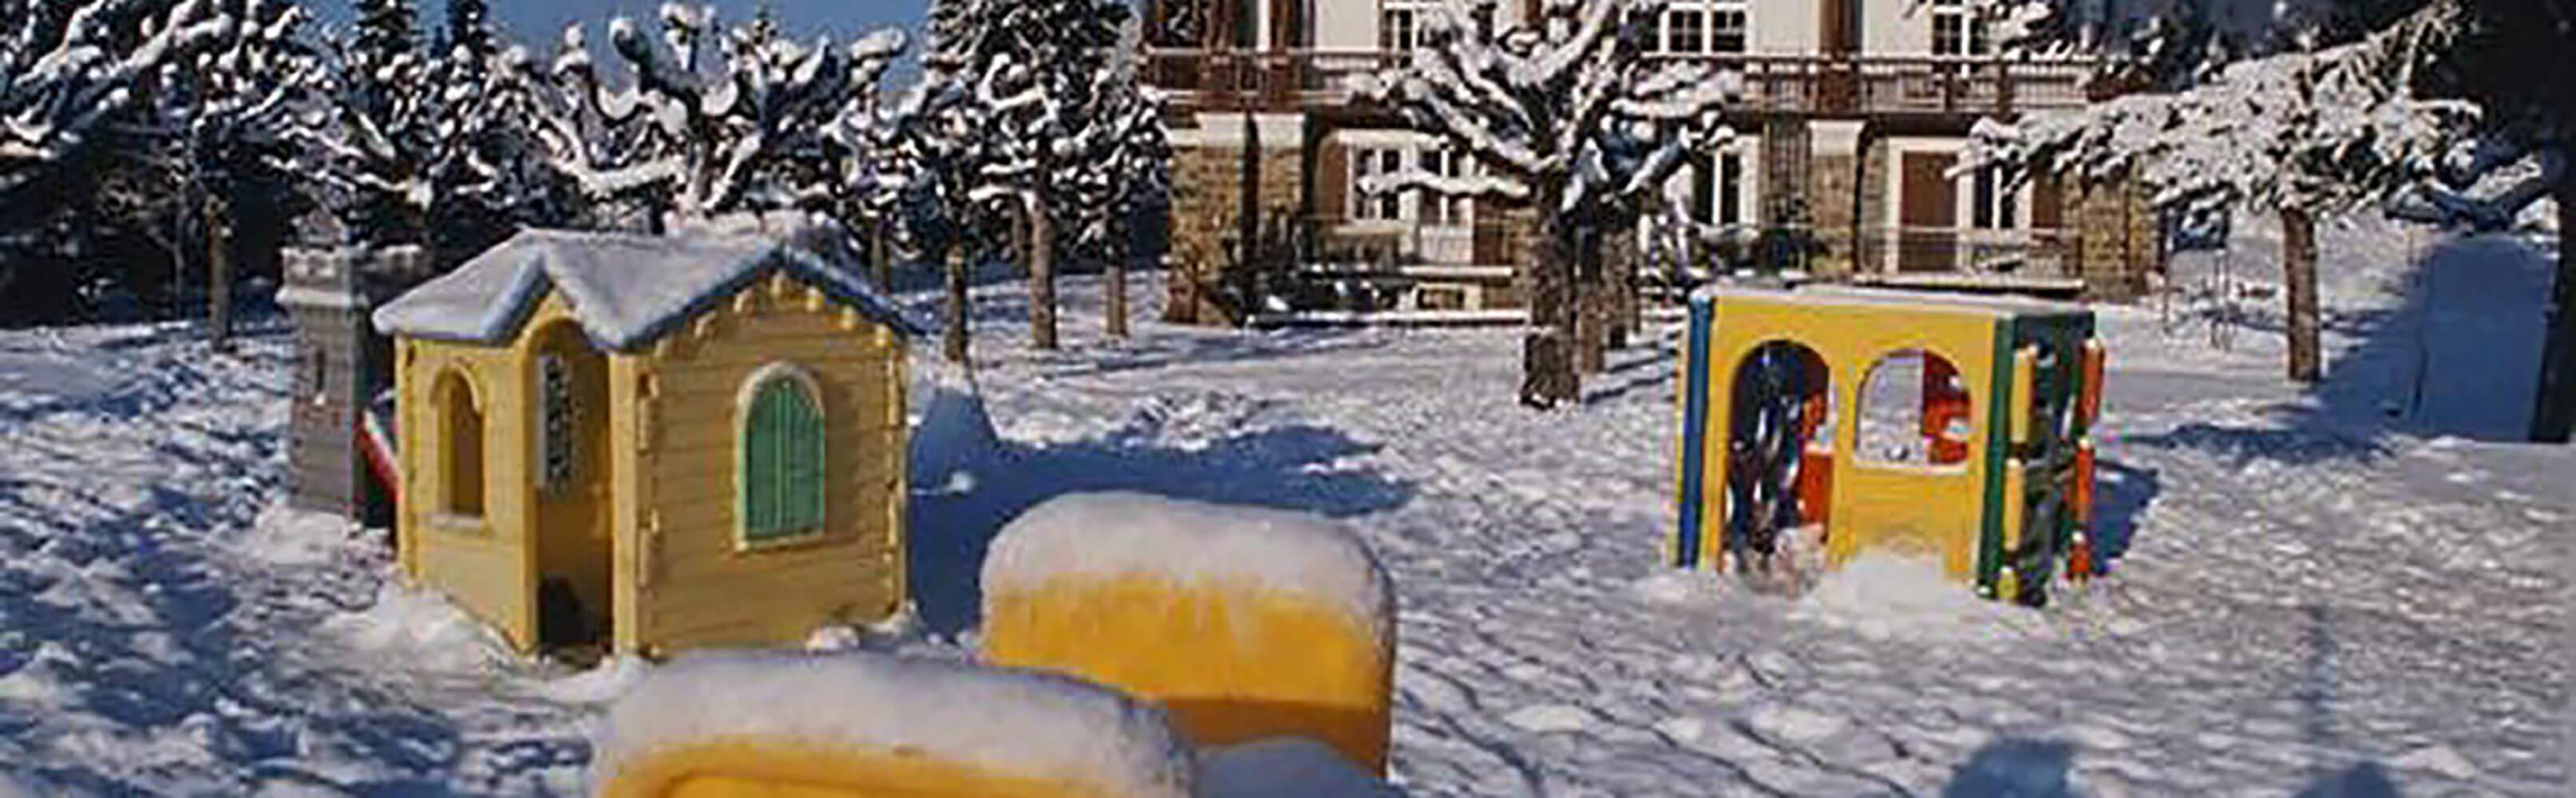 Club Med - Resort Villars-sur-Ollon 1